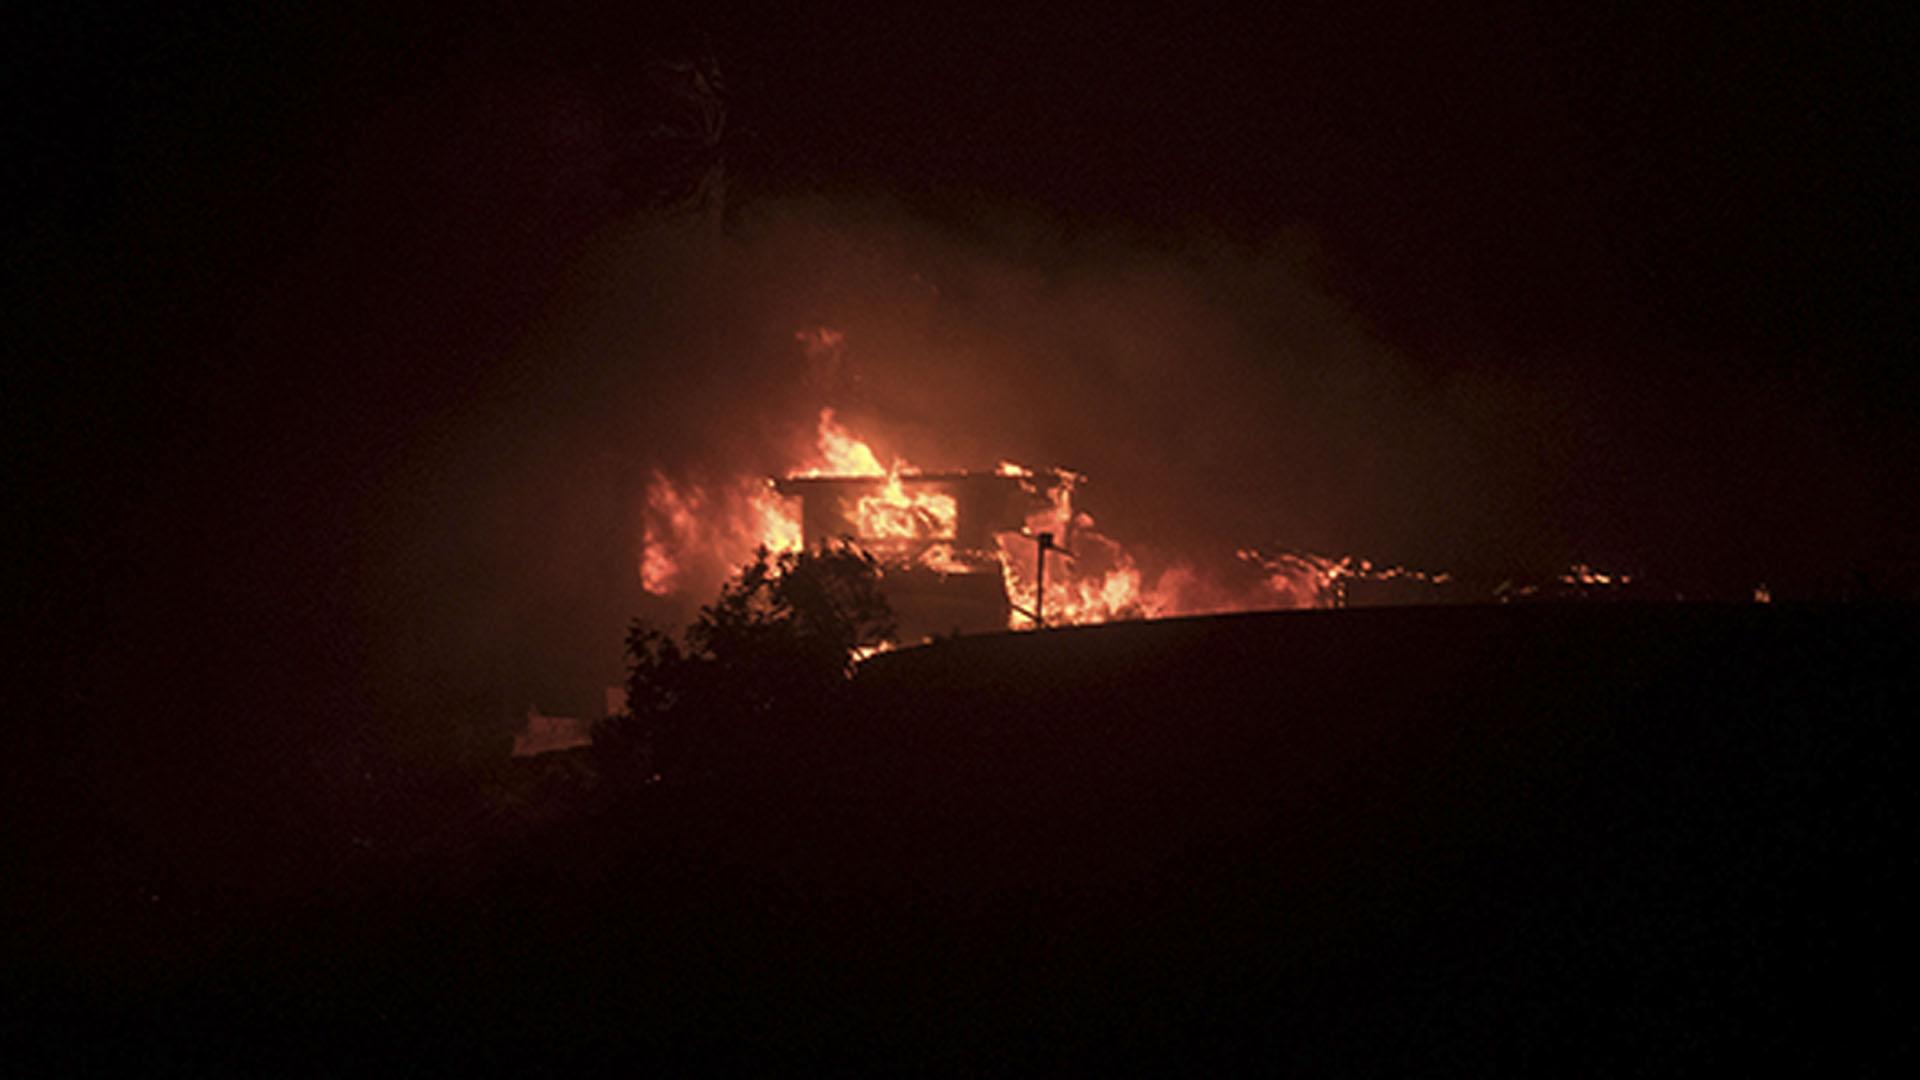 Una persona murió en las últimas horas y unas 27.000 tuvieron que ser evacuadas de sus hogares en el suroeste de California, después de que un potente incendio quemara un terreno de 125,5 kilómetros cuadrados y consumiera al menos 150 edificios